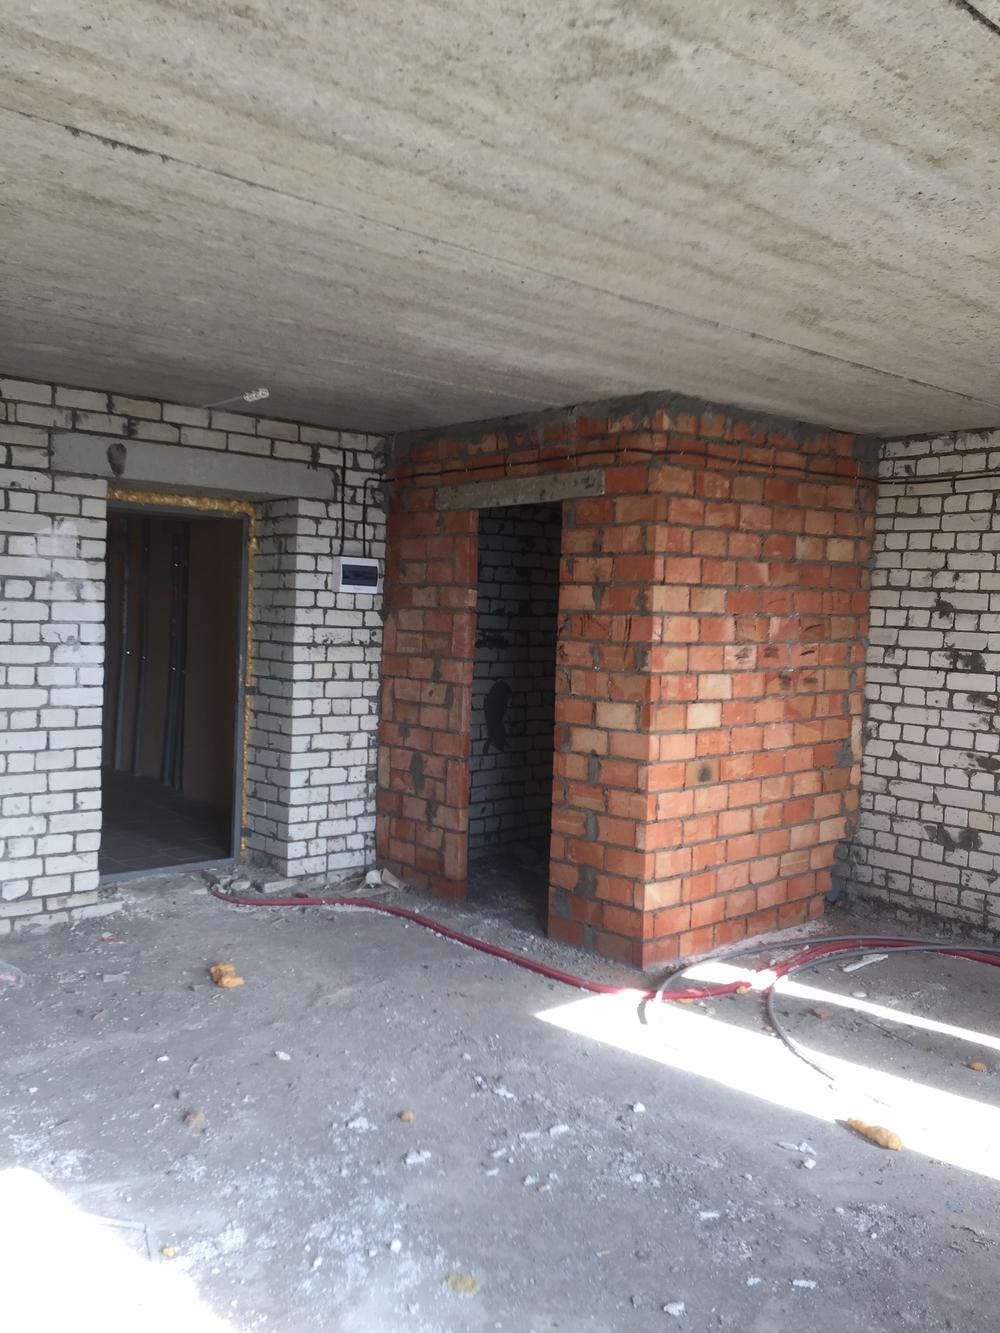 Продам 1-комнатную квартиру в городе Саратов, на улице 2-й Совхозный, 36, 16-этаж 17-этажного Кирпич дома, площадь: 37/18/10 м2